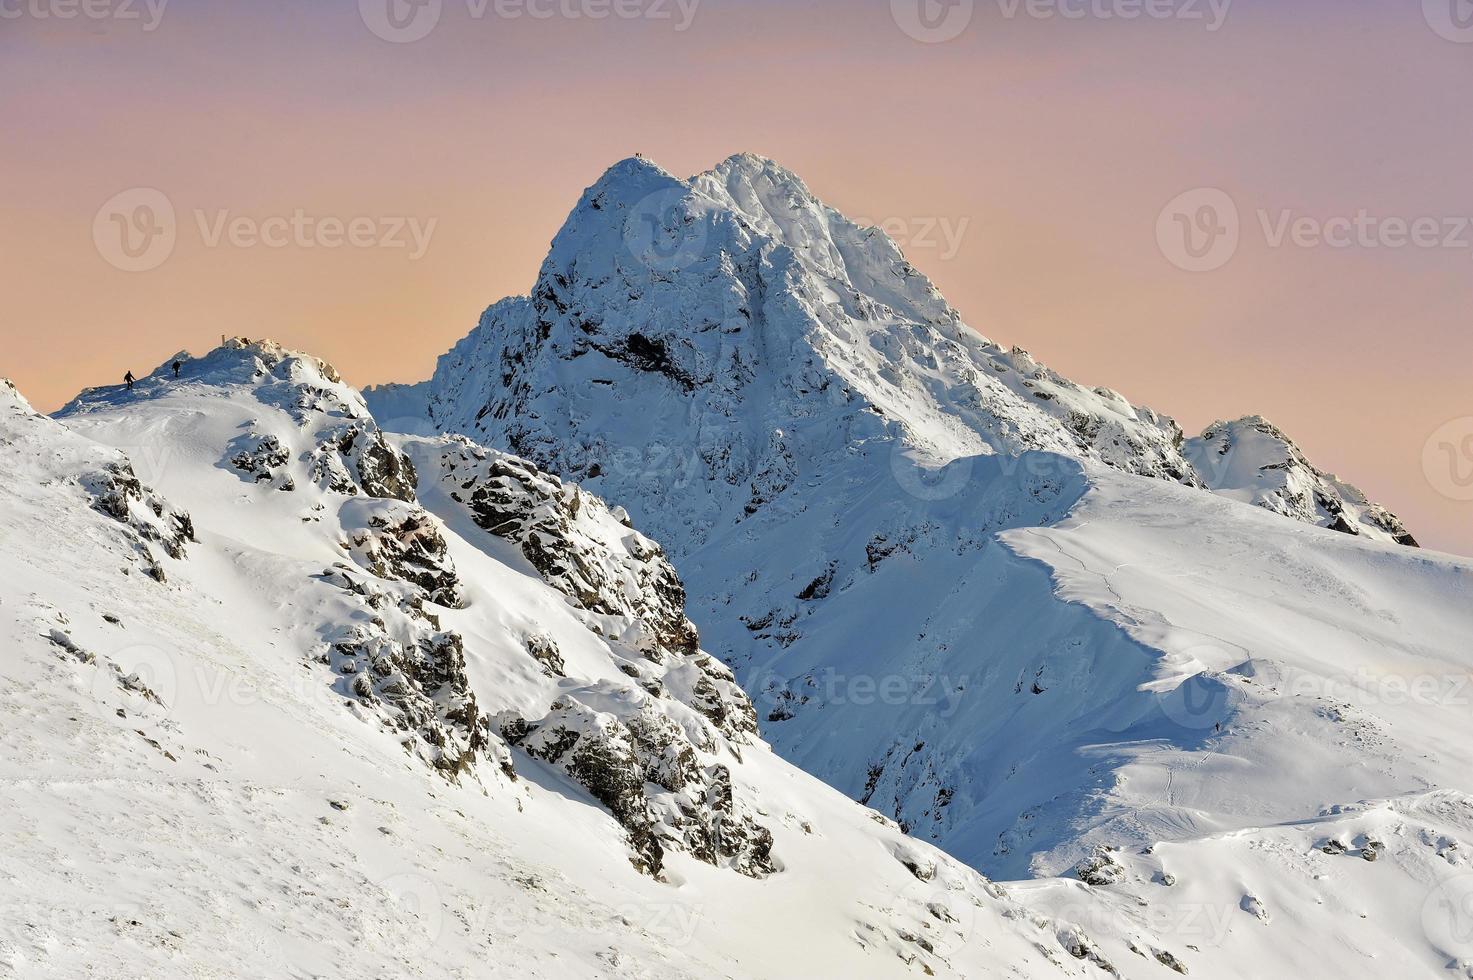 bergen met sneeuw in de winter, foto